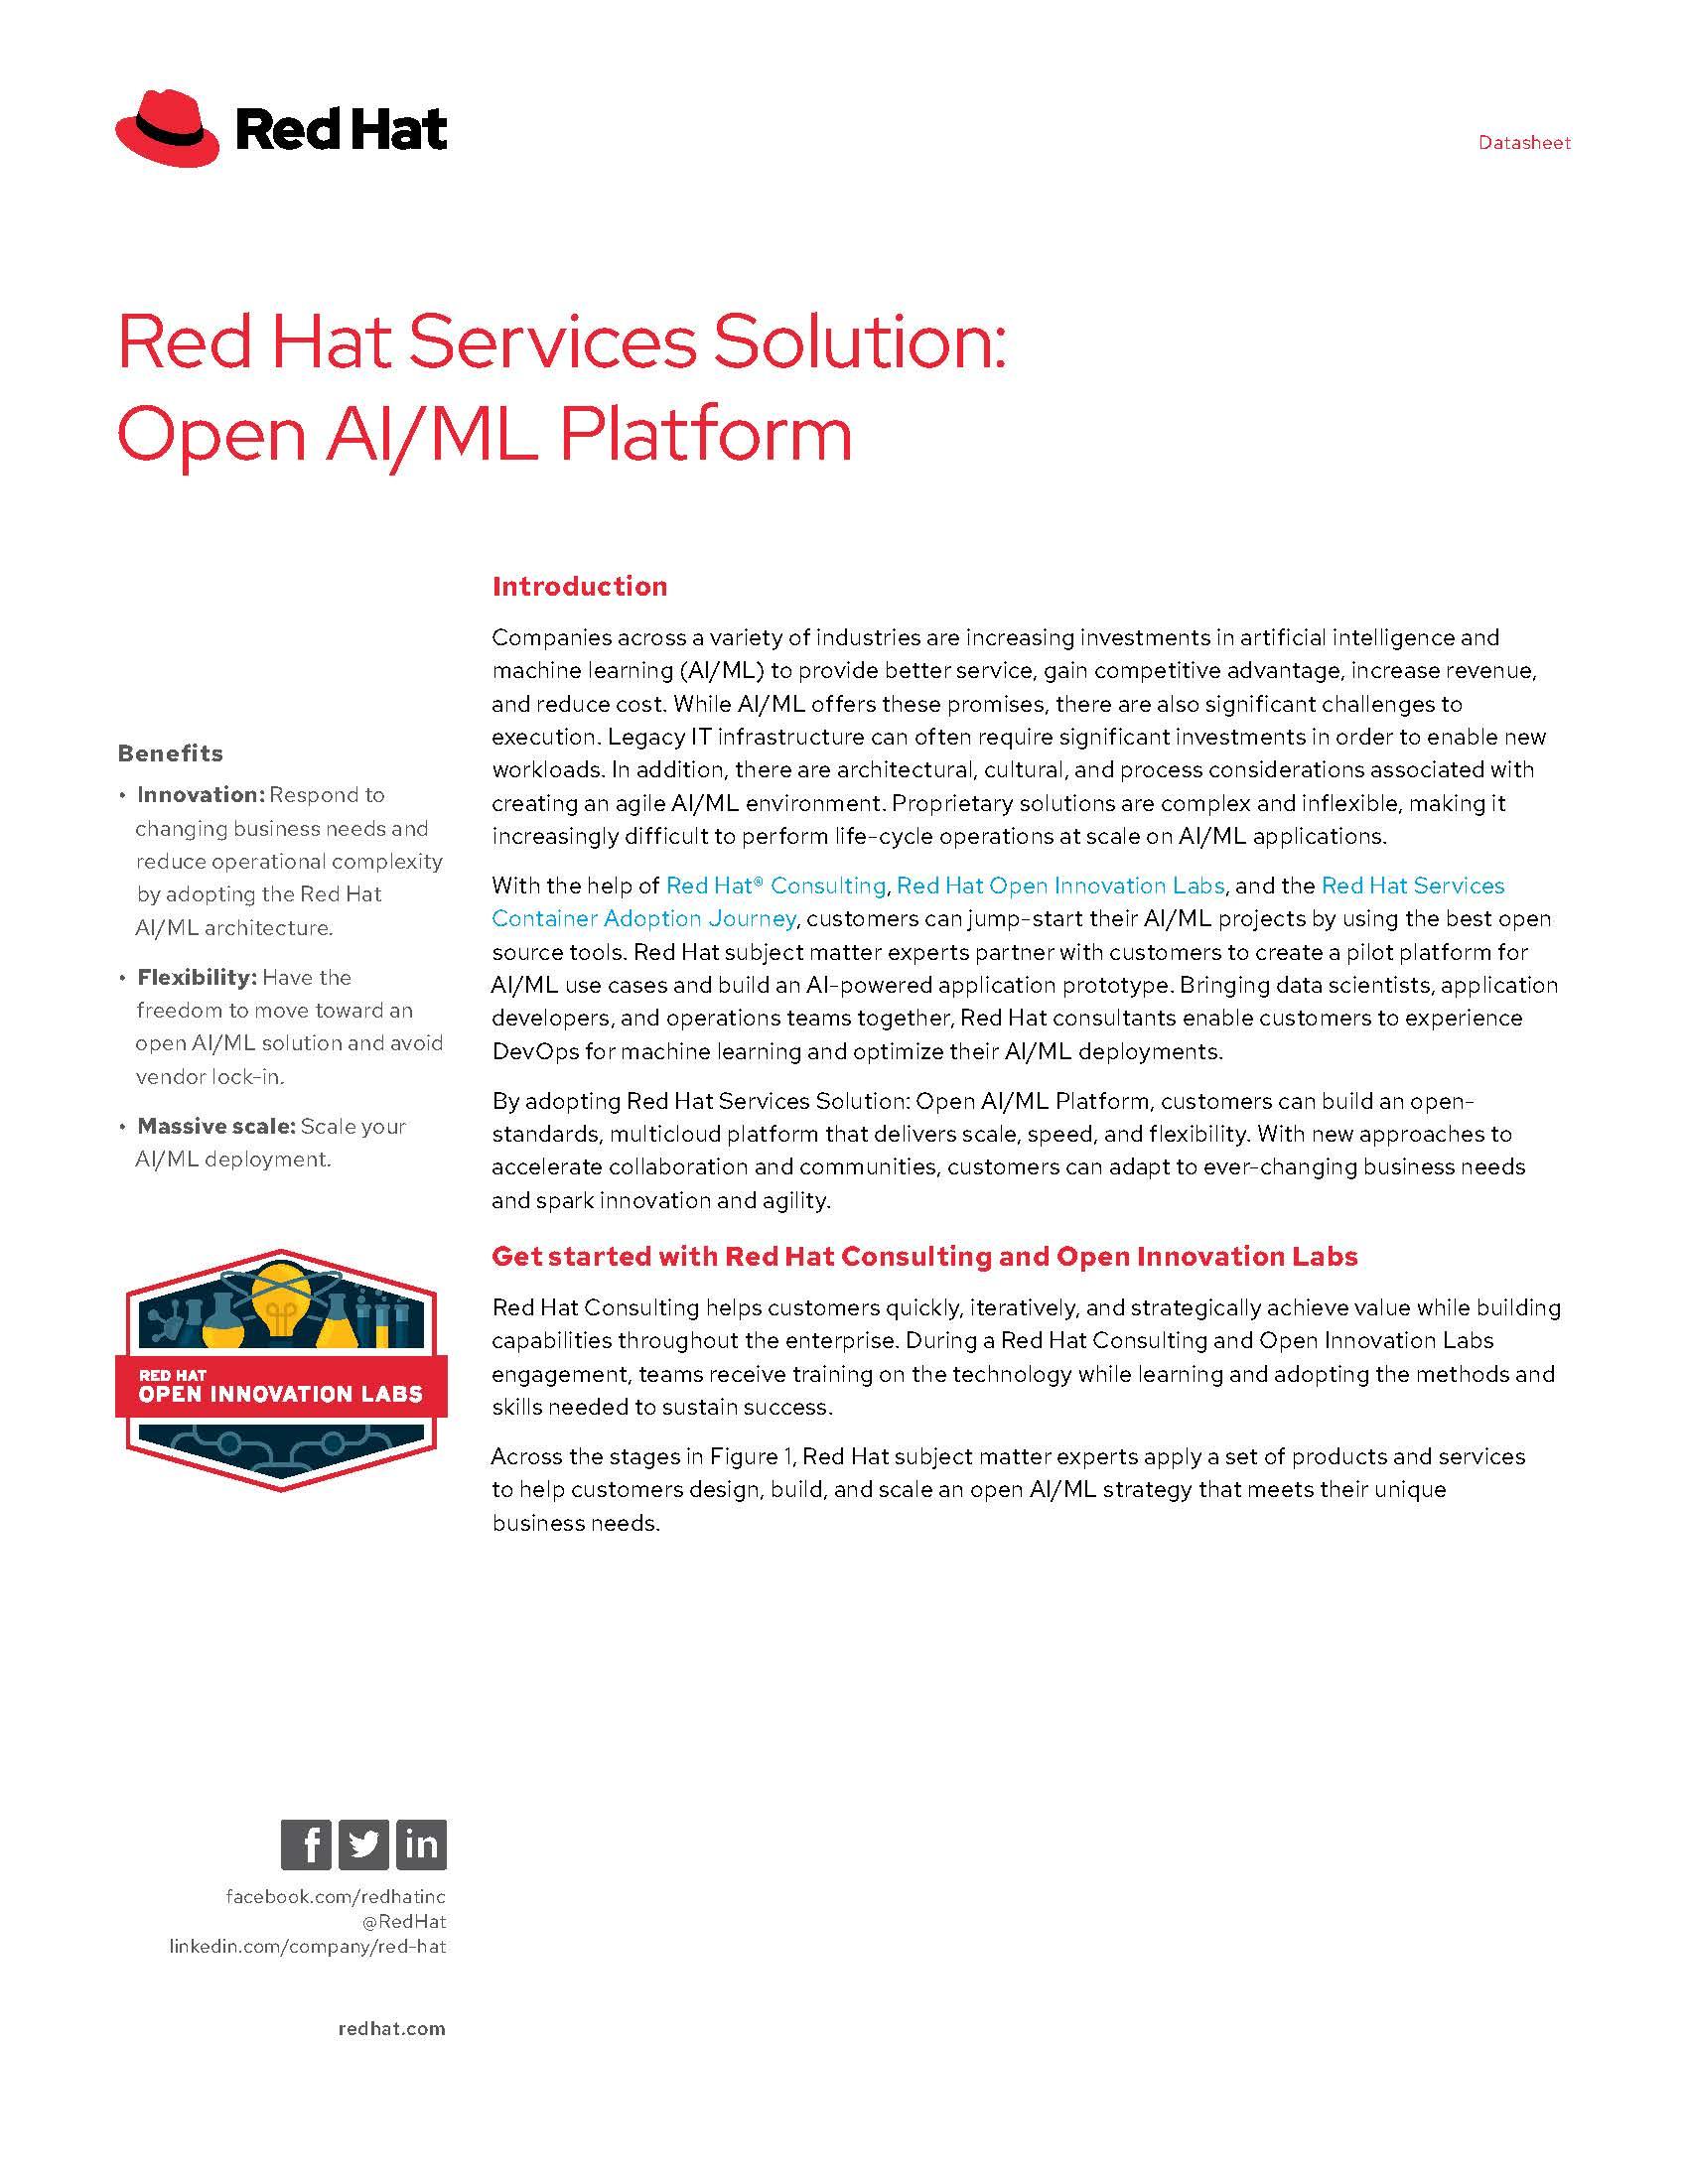 co-services-open-ai-platform-datasheet-f21162pr-202002-en_Page_1